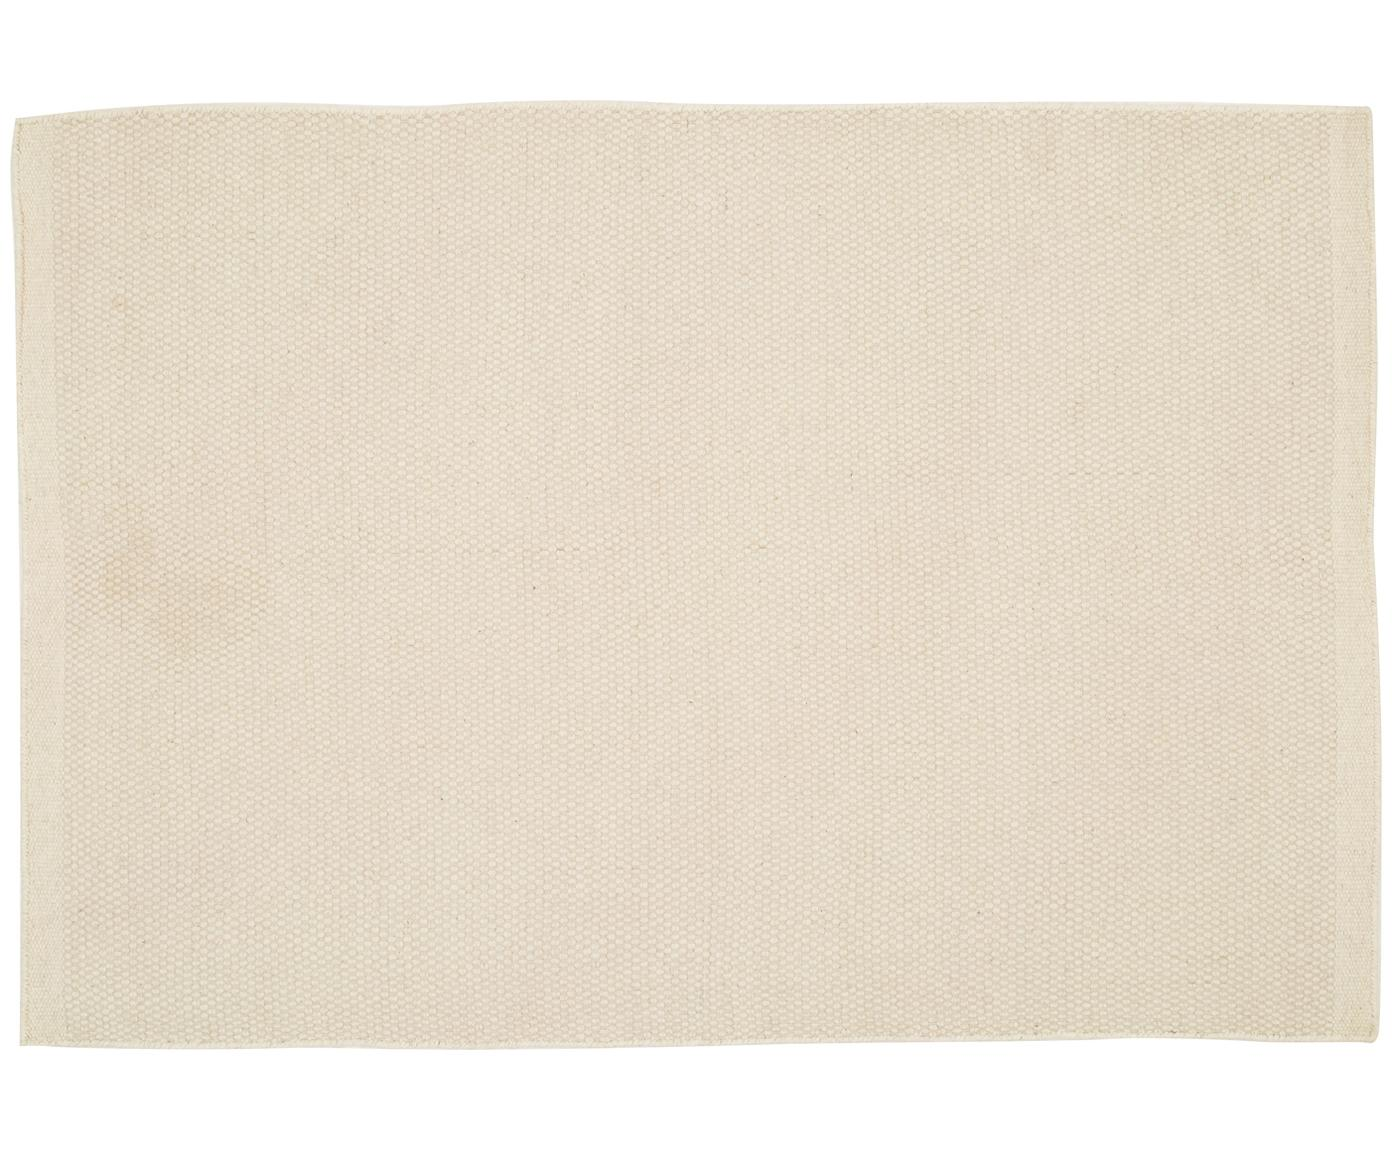 Handgewebter Kelimteppich Delight aus Wolle in Cremeweiß, Flor: 90% Wolle, 10% Baumwolle, Wollweiß, B 200 x L 300 cm (Größe L)